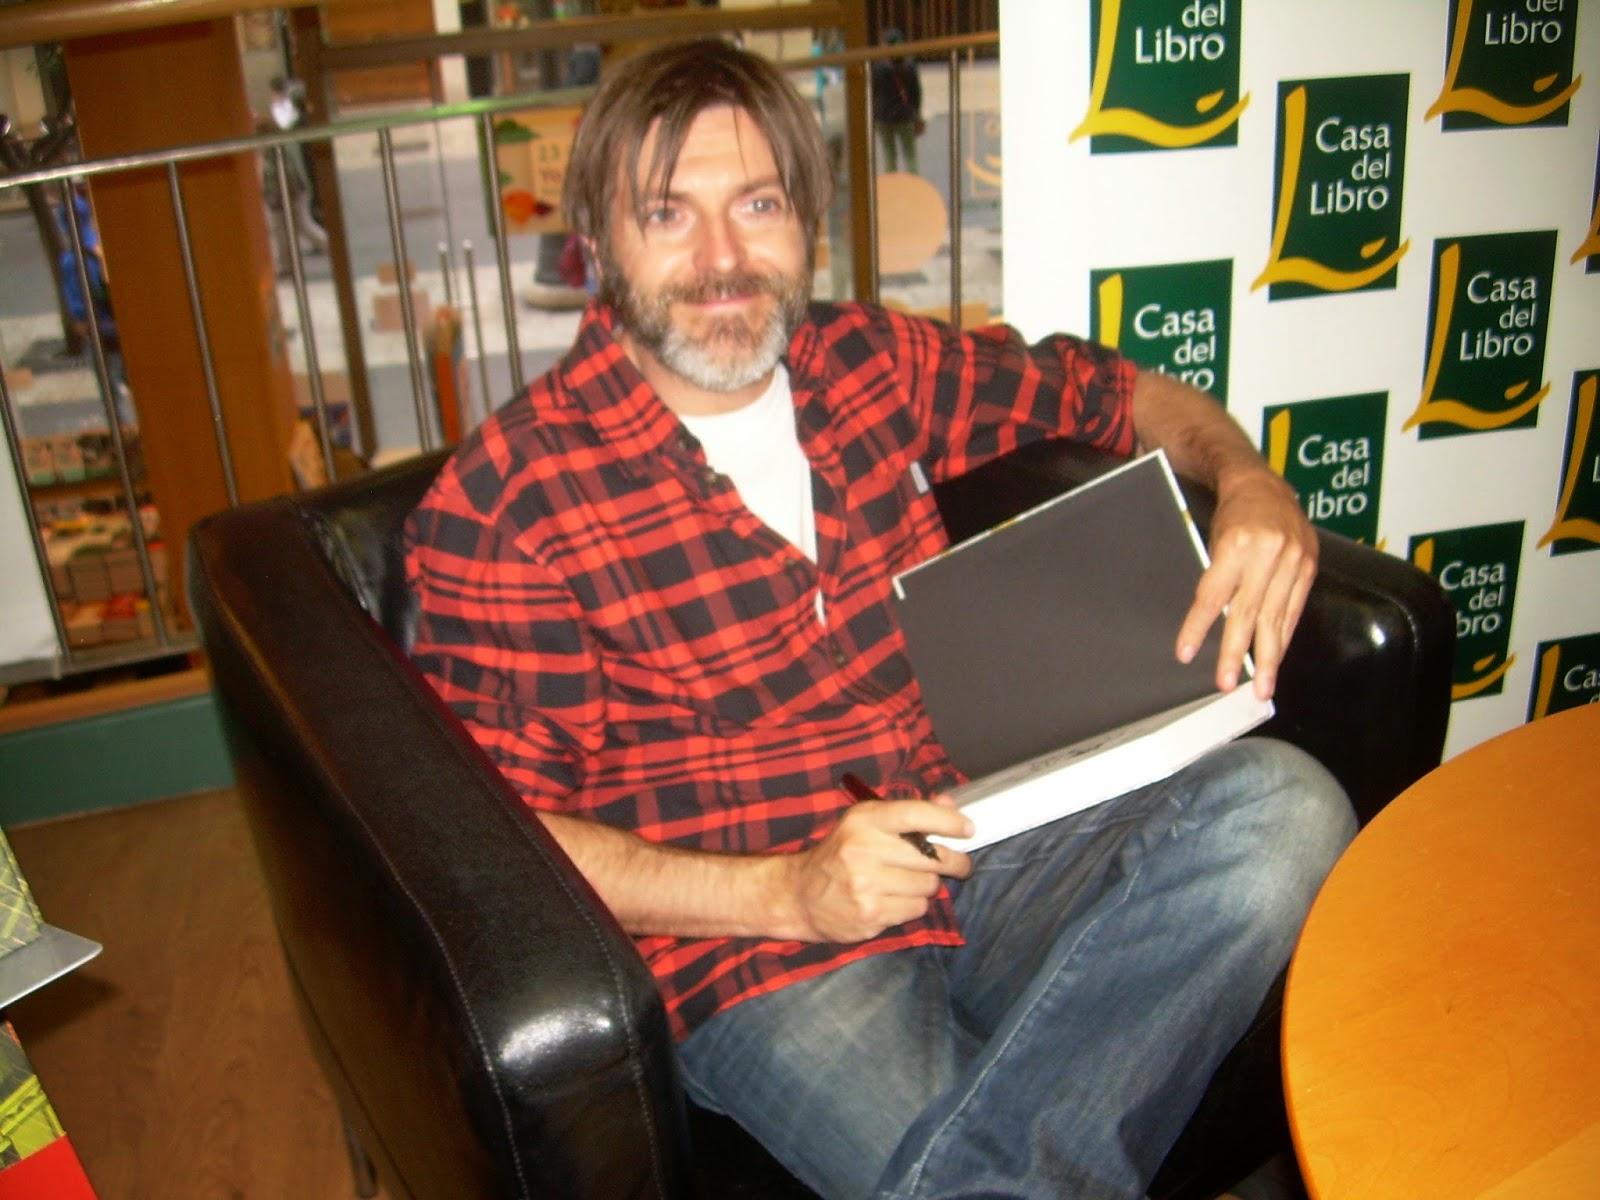 Gotham news paco roca en casa del libro de valencia - Casa del libro valencia horario ...